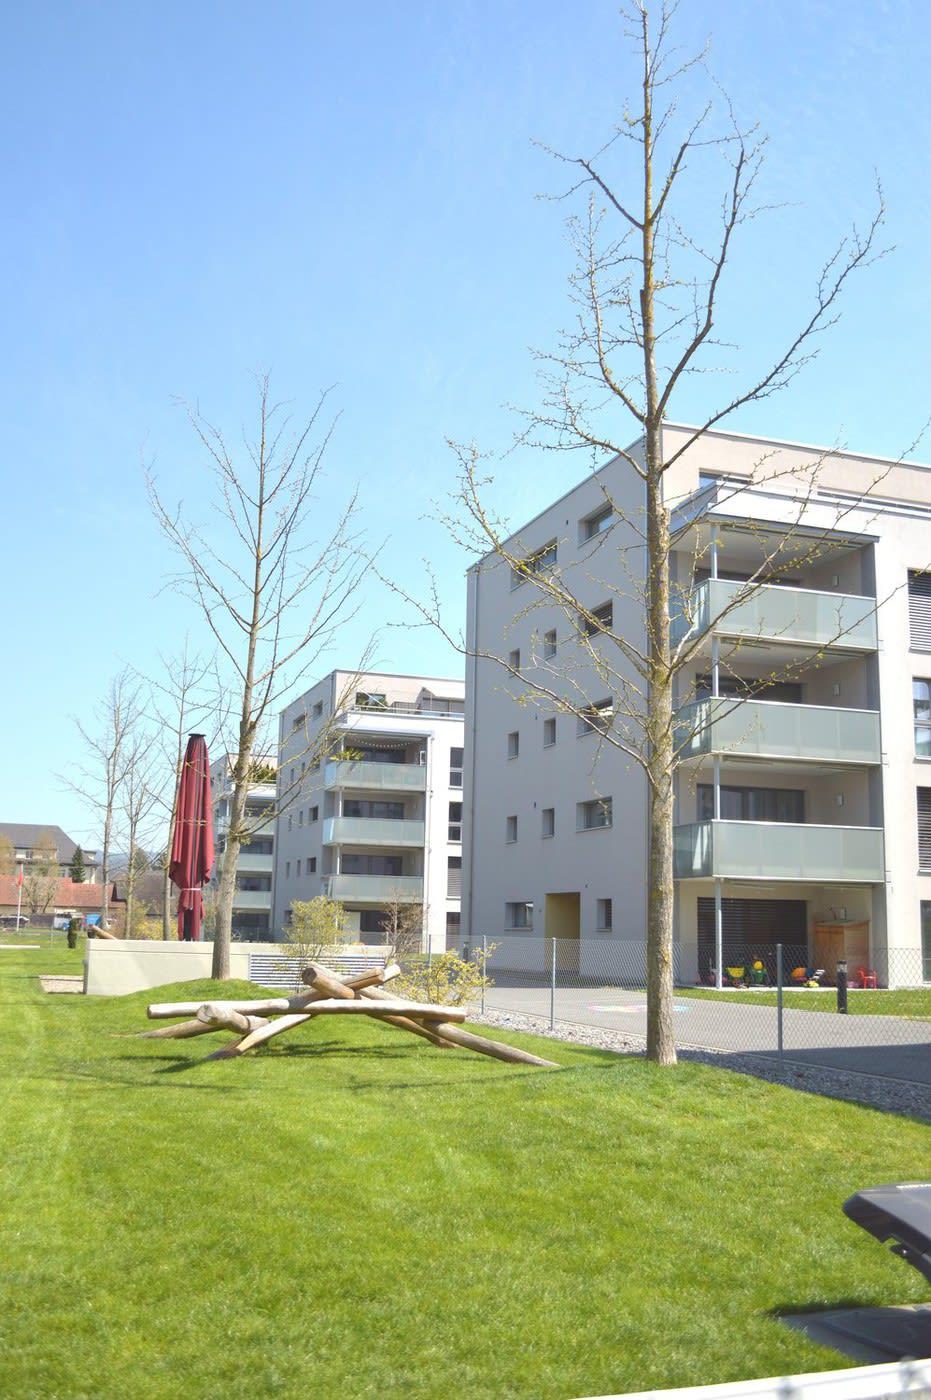 Centralstrasse 31a